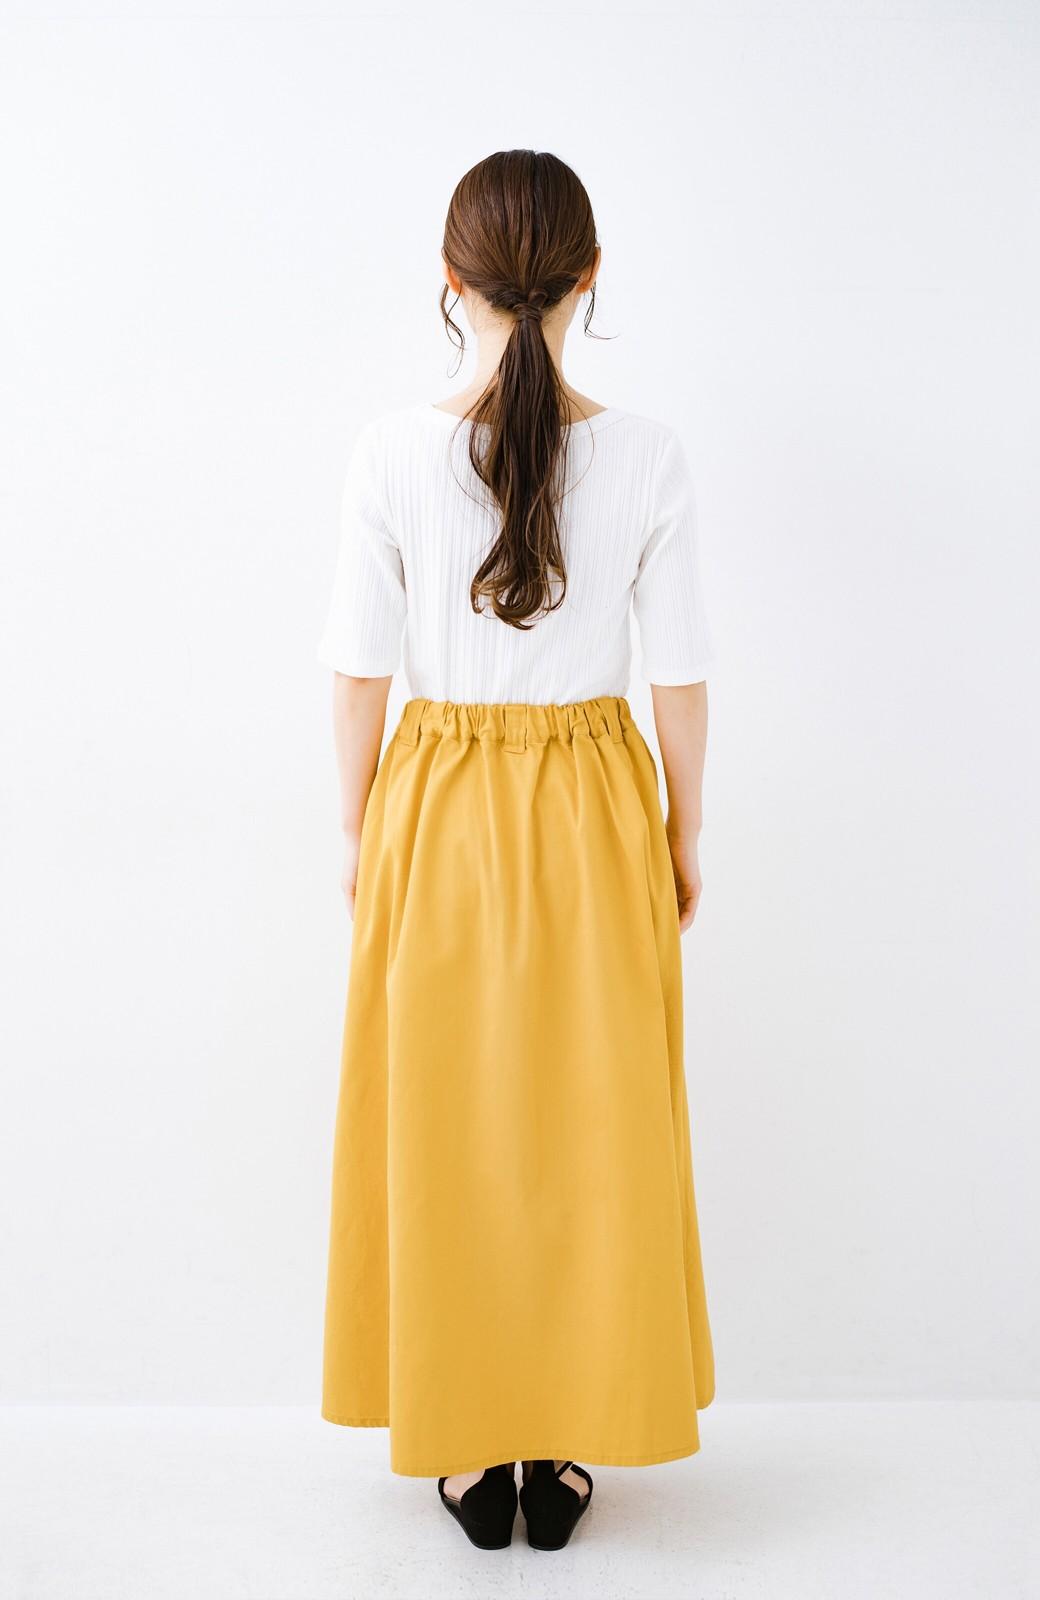 haco! ロングシーズン楽しめる タックボリュームのチノロングスカート <イエロー>の商品写真16